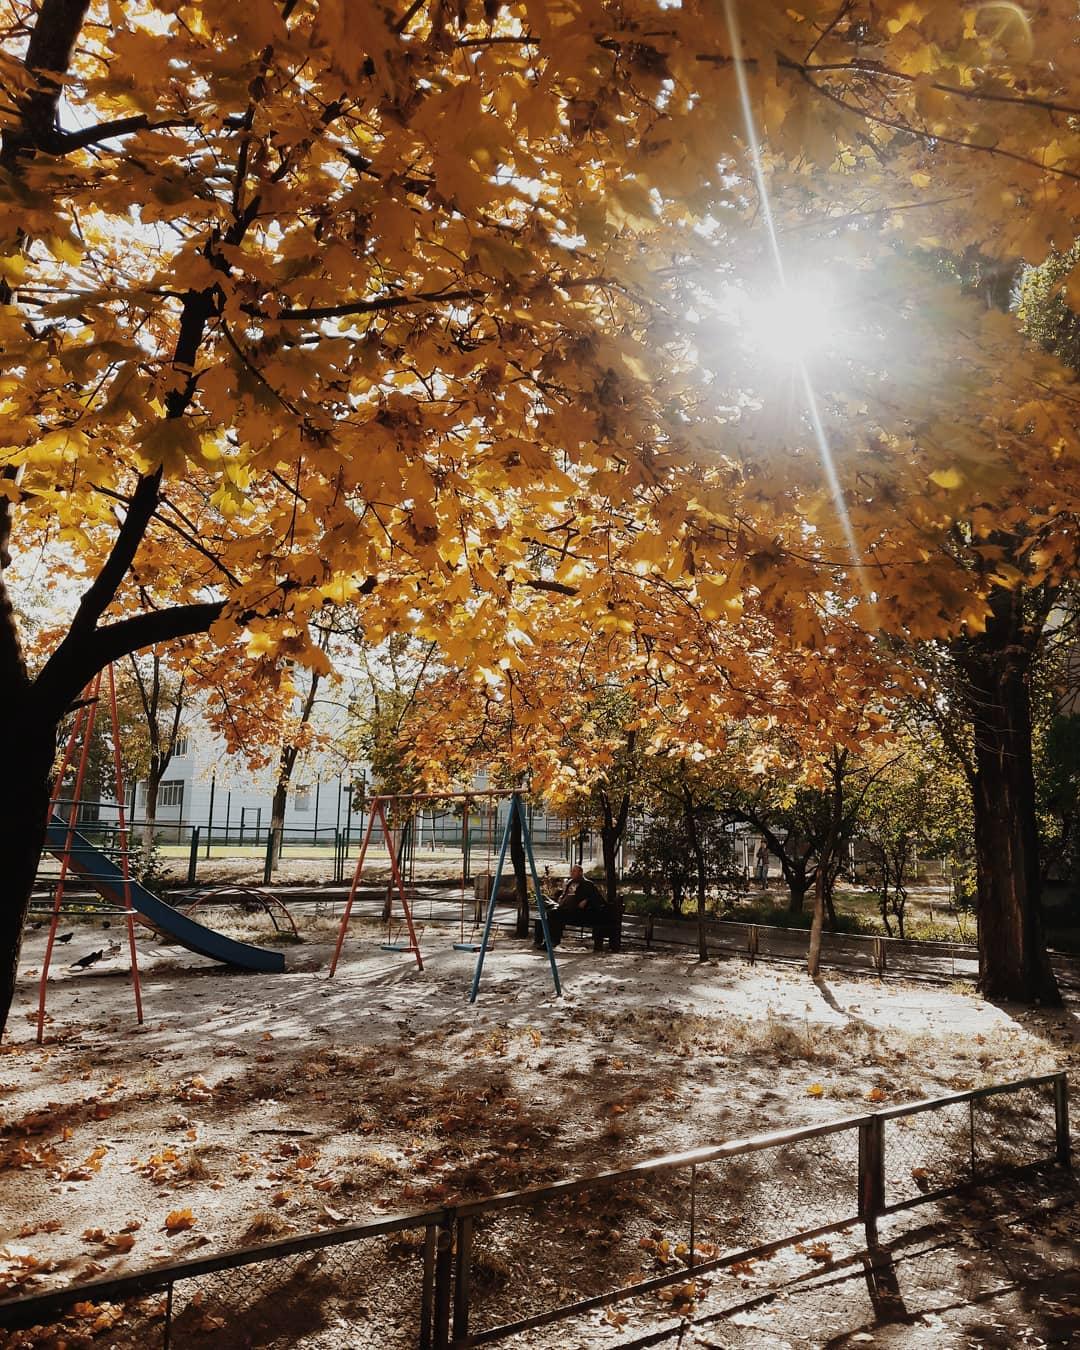 Осень превращает даже обычный двор в произведение искусства. Фото: @marishavladimirovna_